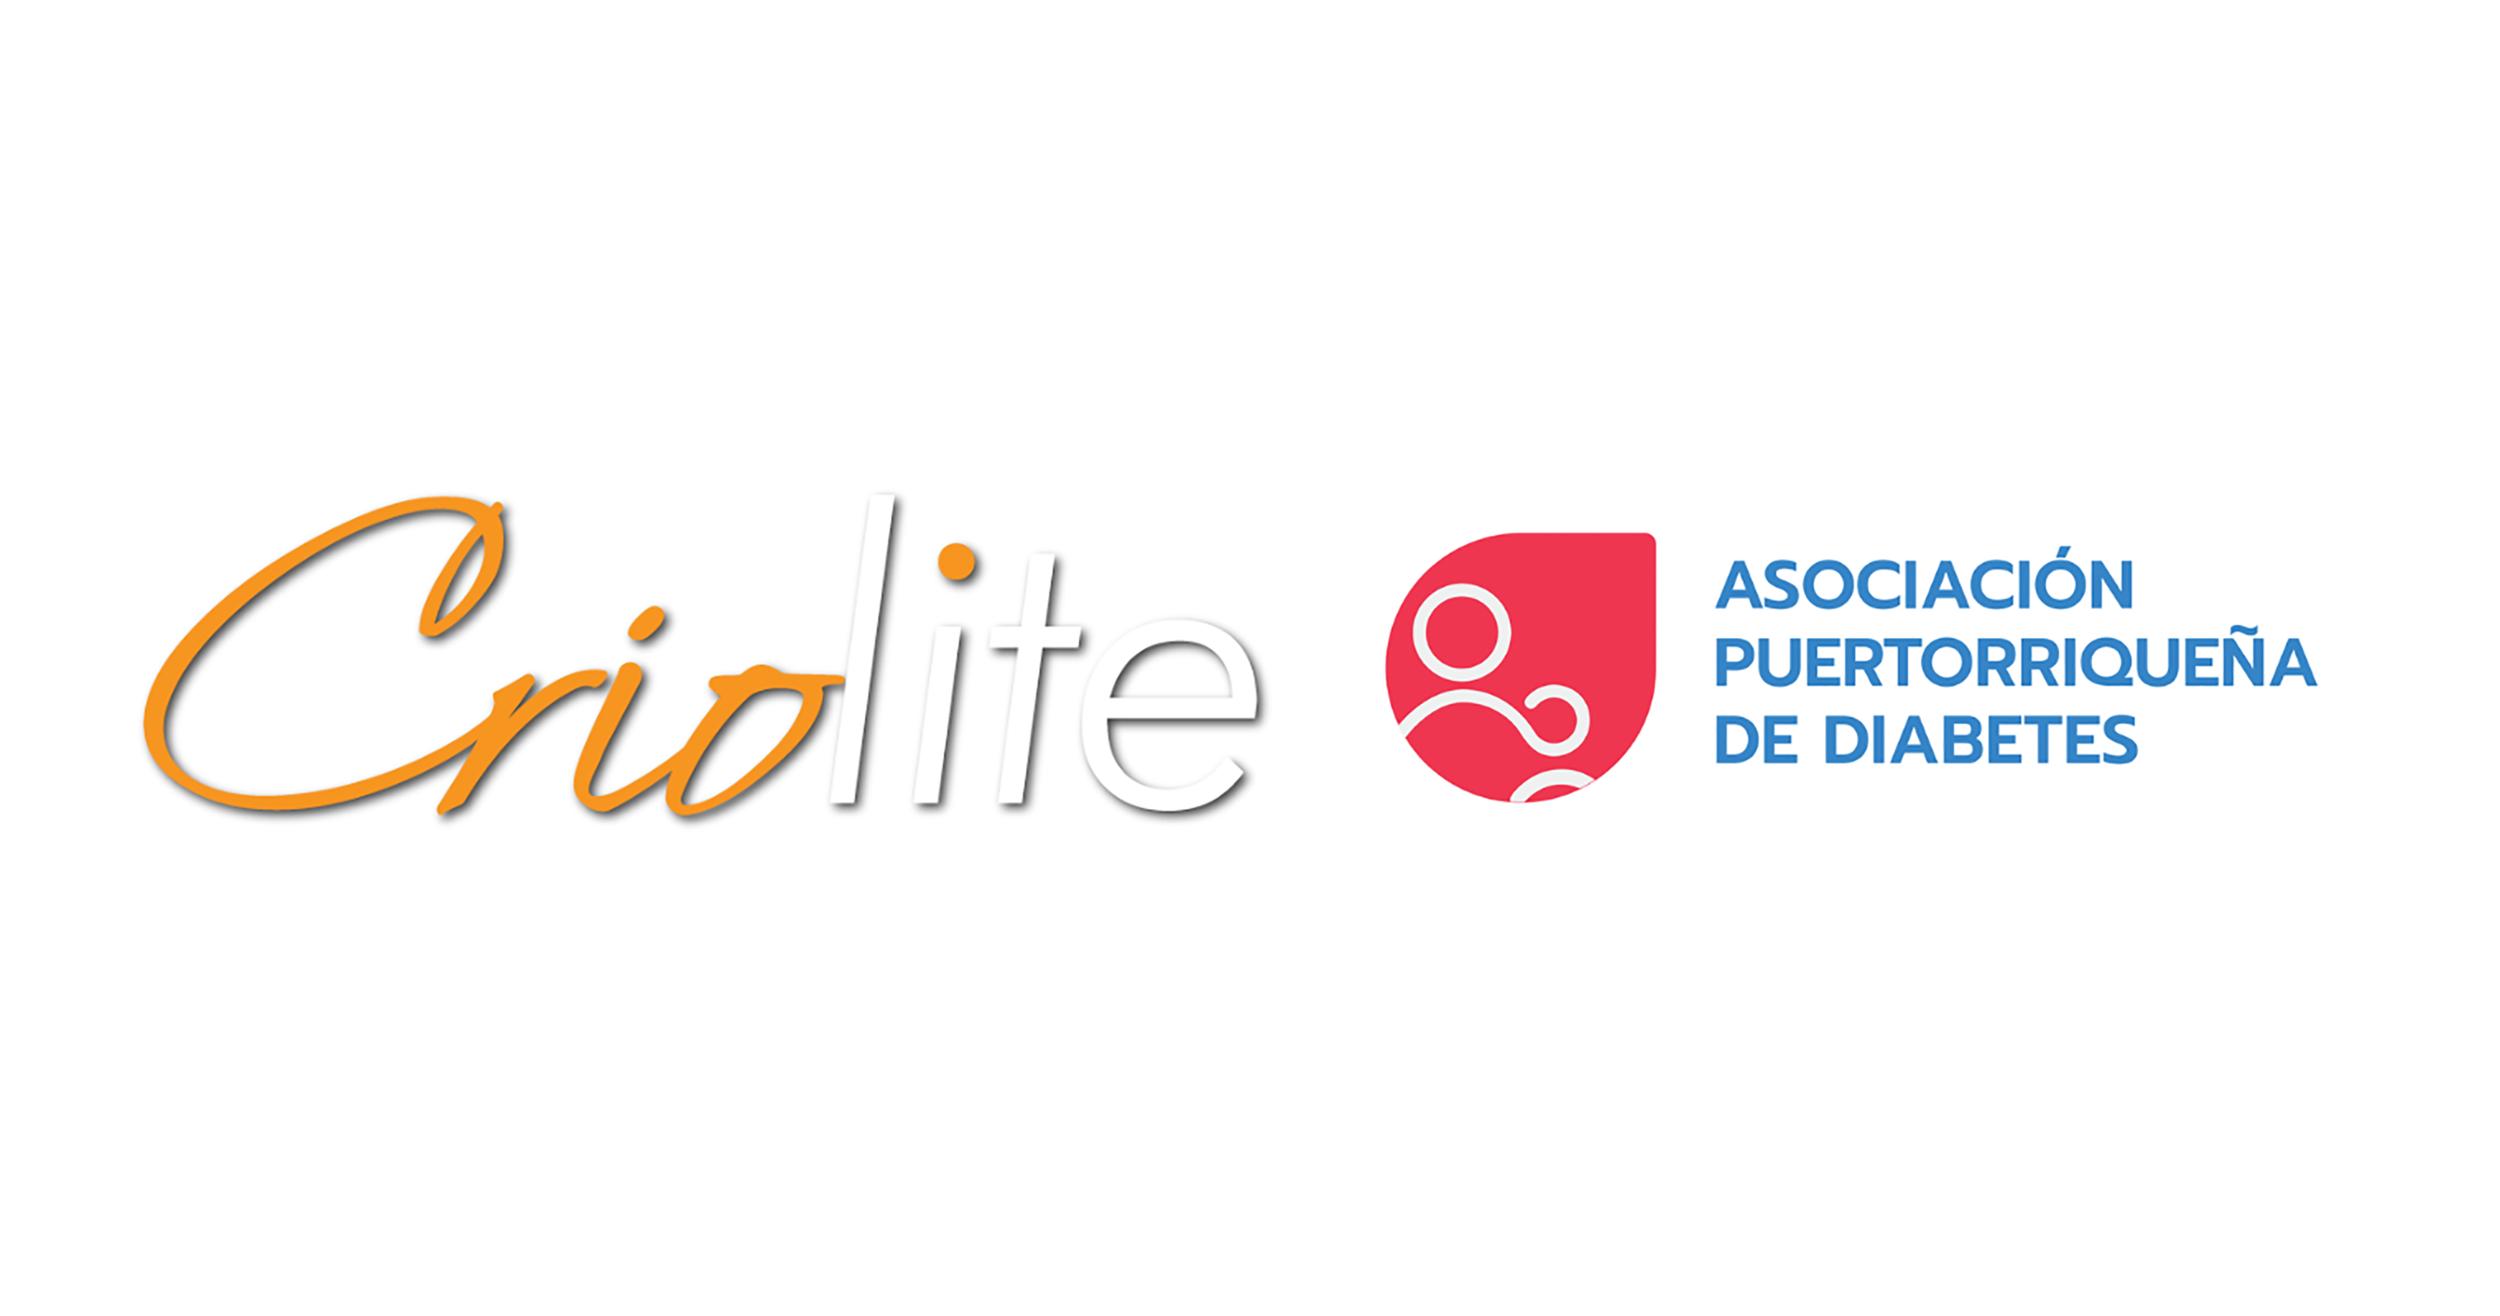 Criolite y APD.png